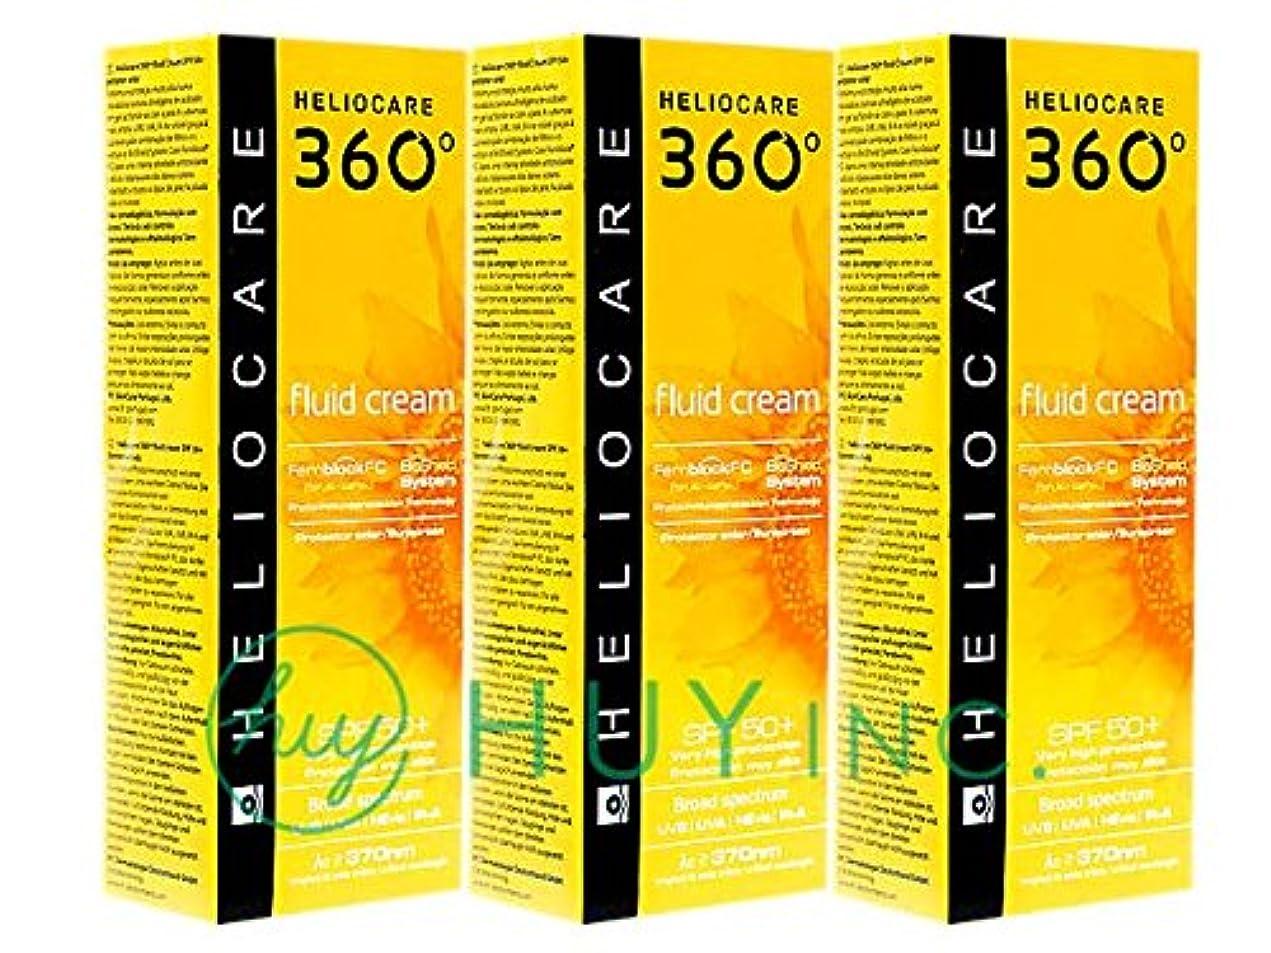 インドゴルフ手当ヘリオケア 360°フルイドクリーム(Heliocare360FluidCream)SPF50+ 3ボトル(50ml×3) [並行輸入品]